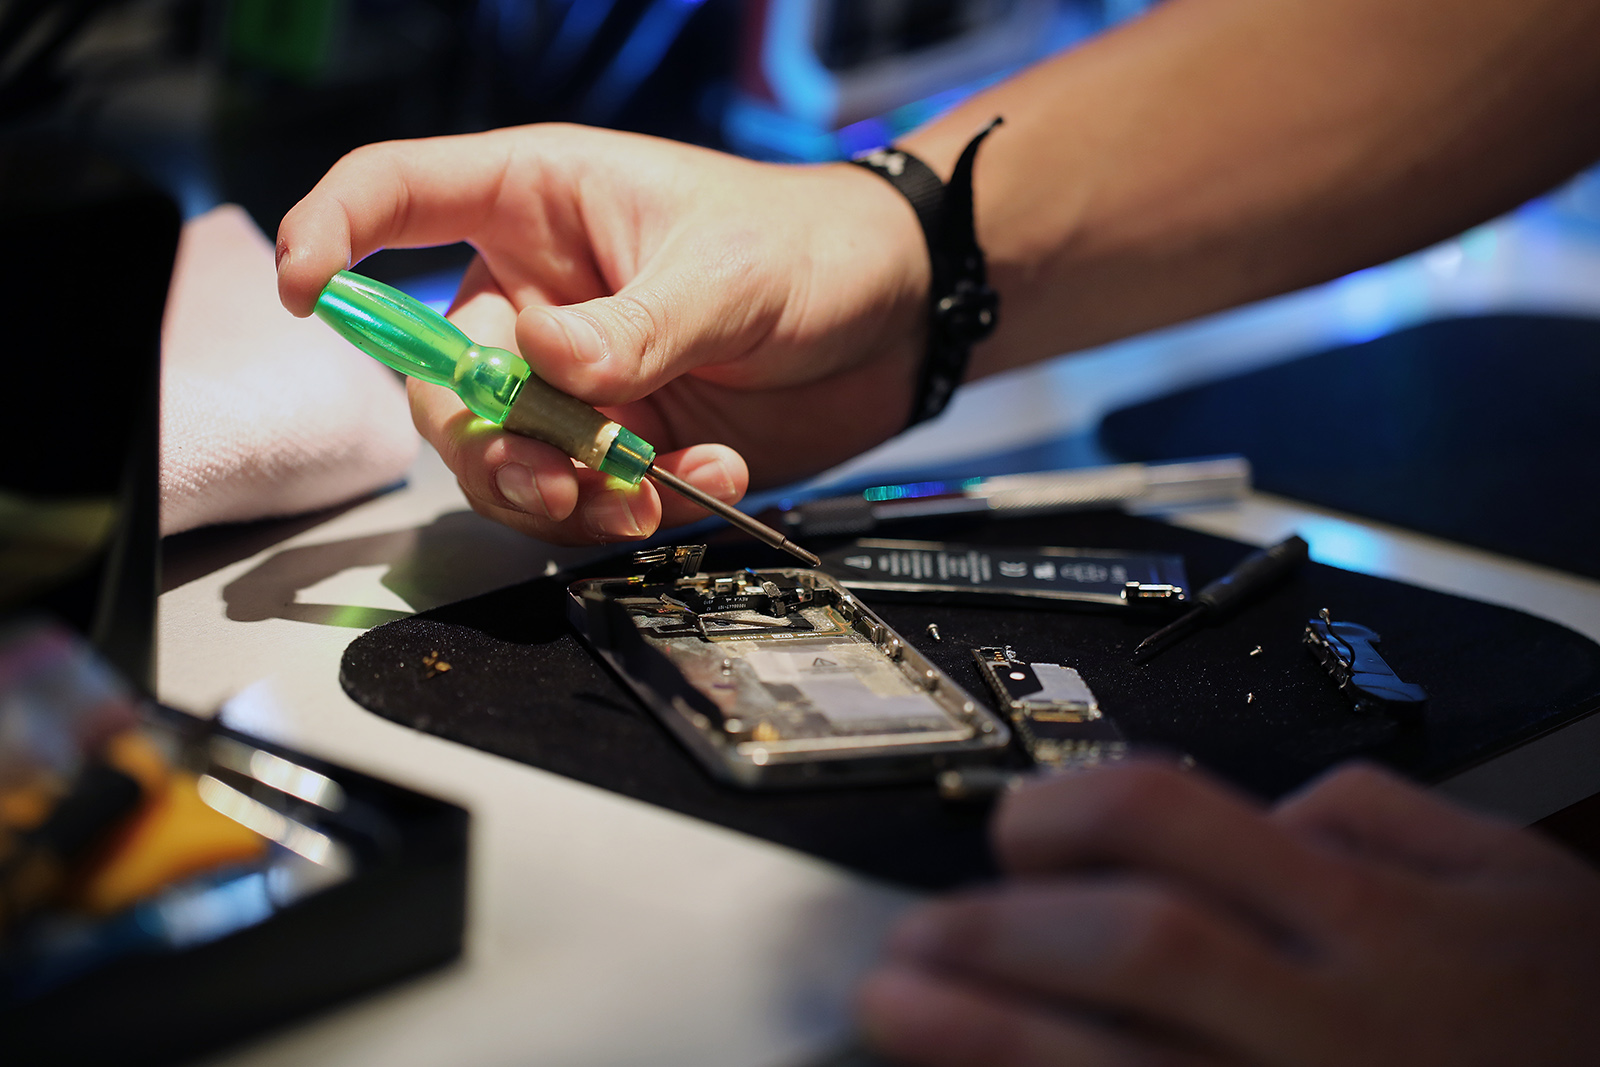 tecnico em manutenção para celular